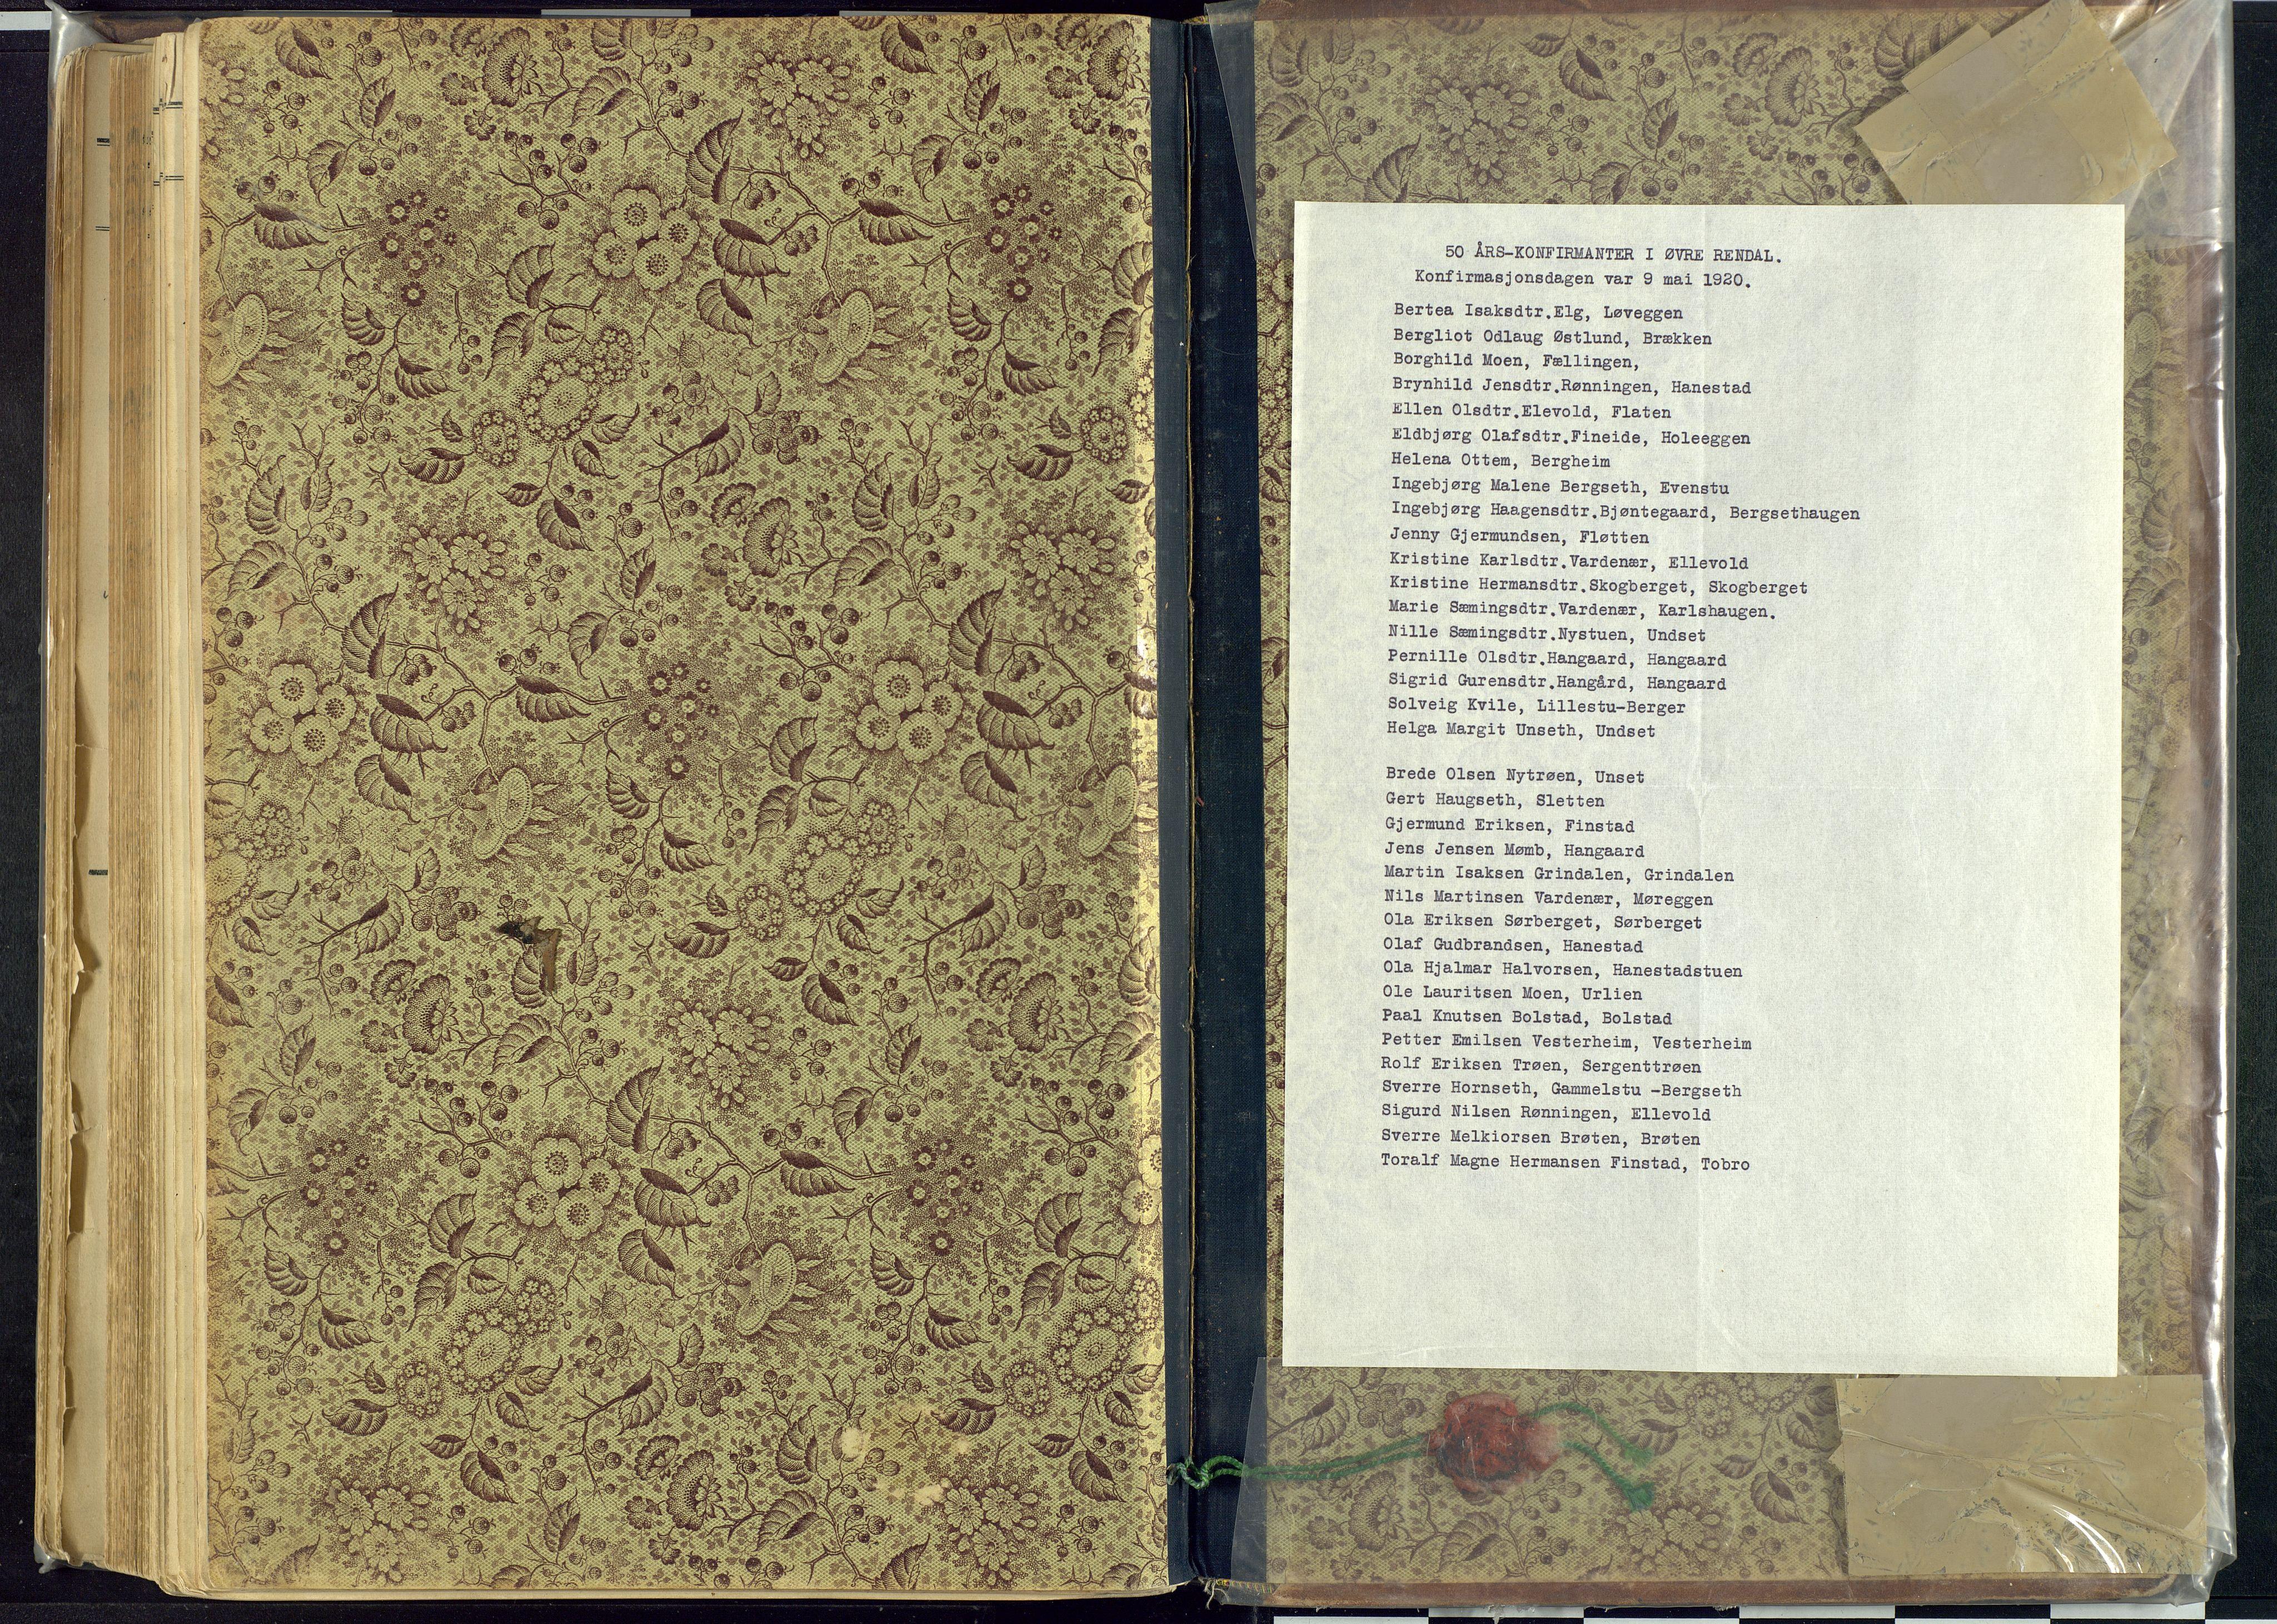 SAH, Rendalen prestekontor, H/Ha/Haa: Ministerialbok nr. 12, 1901-1928, s. 348